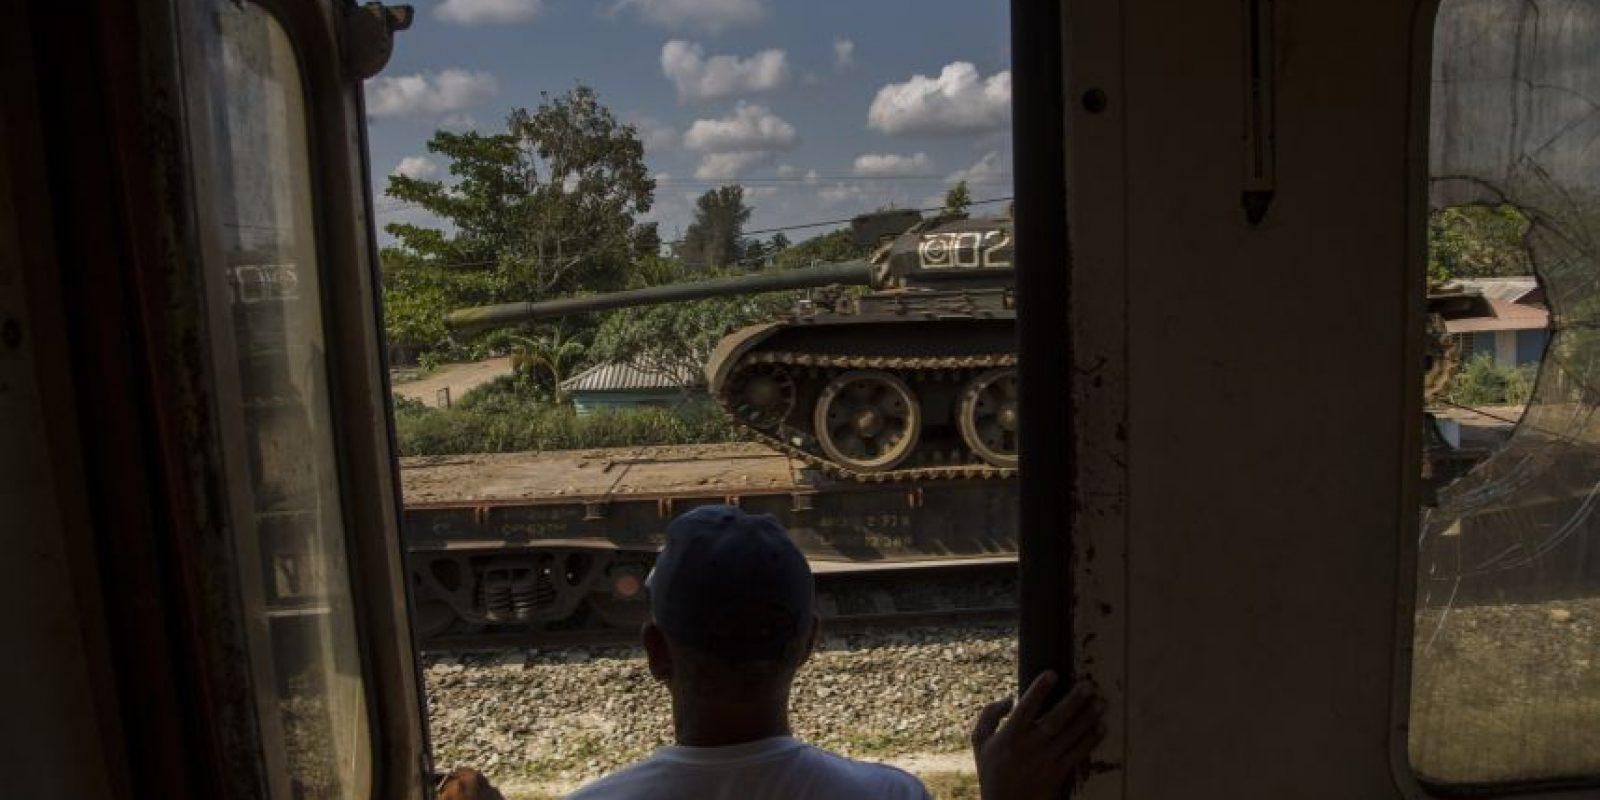 En esta fotografía del 23 de marzo de 2015, un hombre mira un tanque que está siendo transportado en un tren de carga detenido, mientras viaja en ferrocarril a través de la provincia de Holguín, en Cuba. El sistema ferroviario sufrió junto con gran parte de la infraestructura del país cuando la desaparición de la Unión Soviética dejó a Cuba sin los subsidios que Moscú había inyectado a su economía. El añejo embargo comercial estadounidense dificultó obtener refacciones. Foto:AP Photo/ Ramón Espionsa